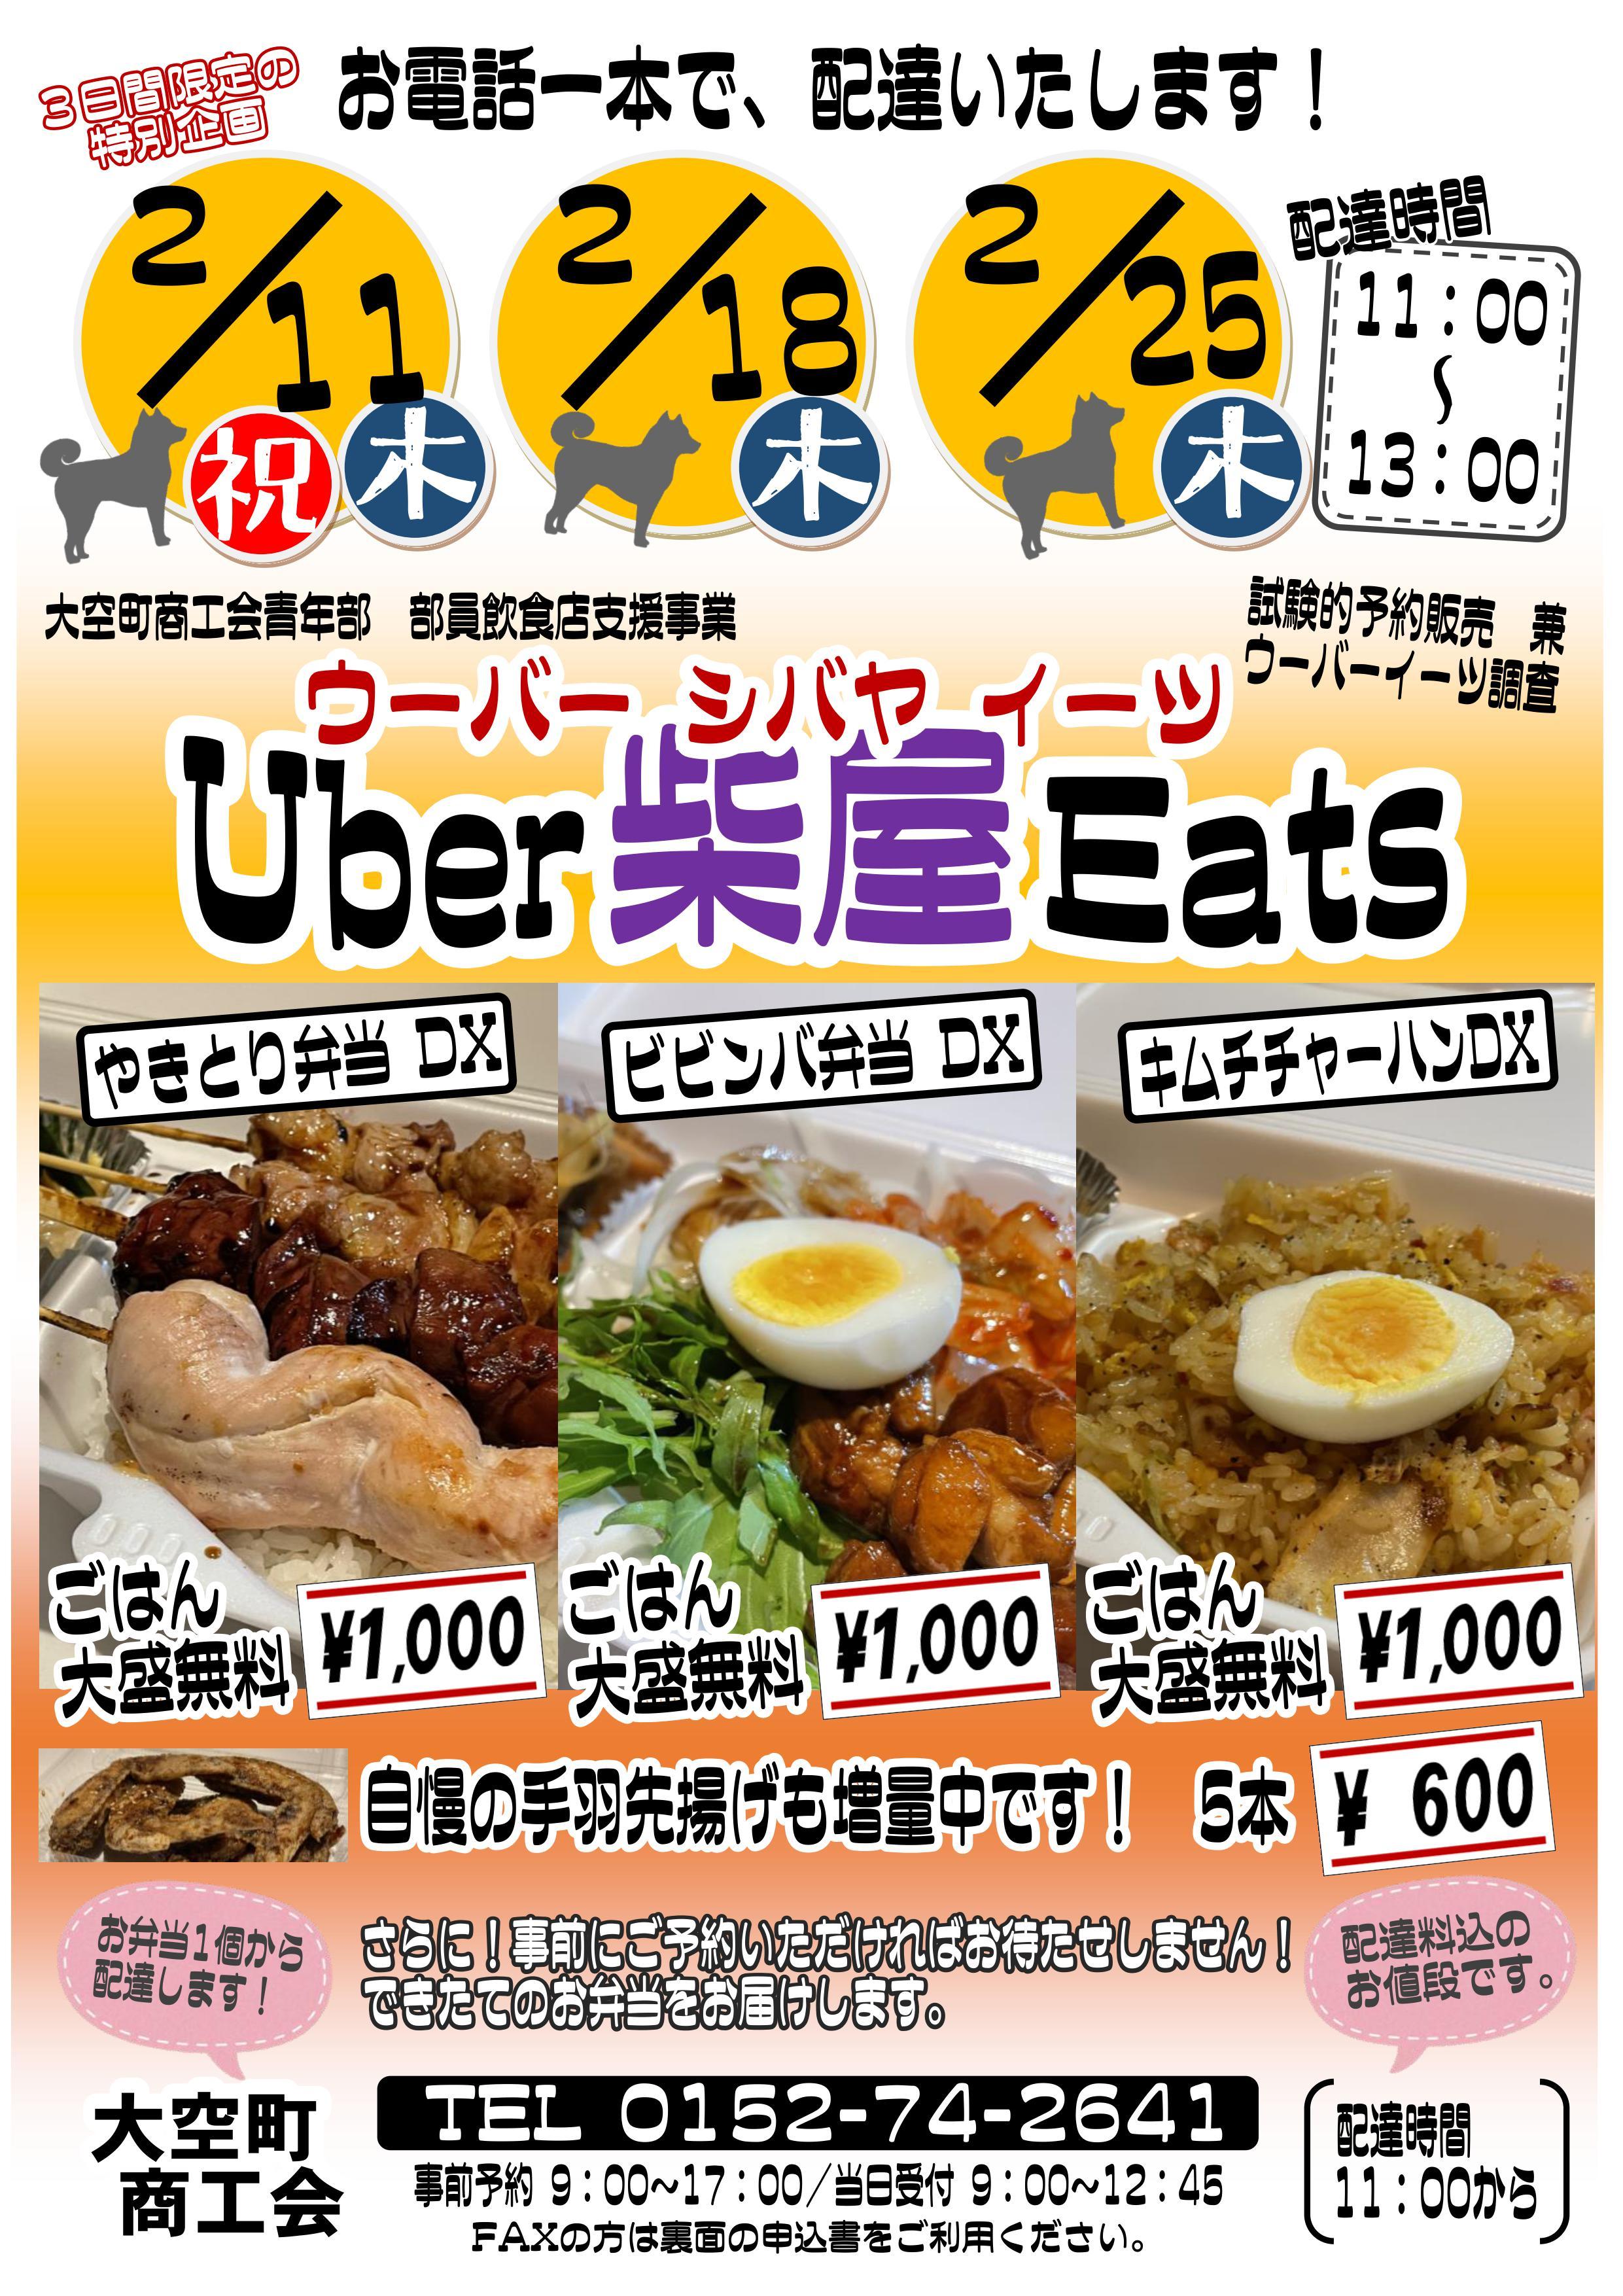 Uber柴屋Eats